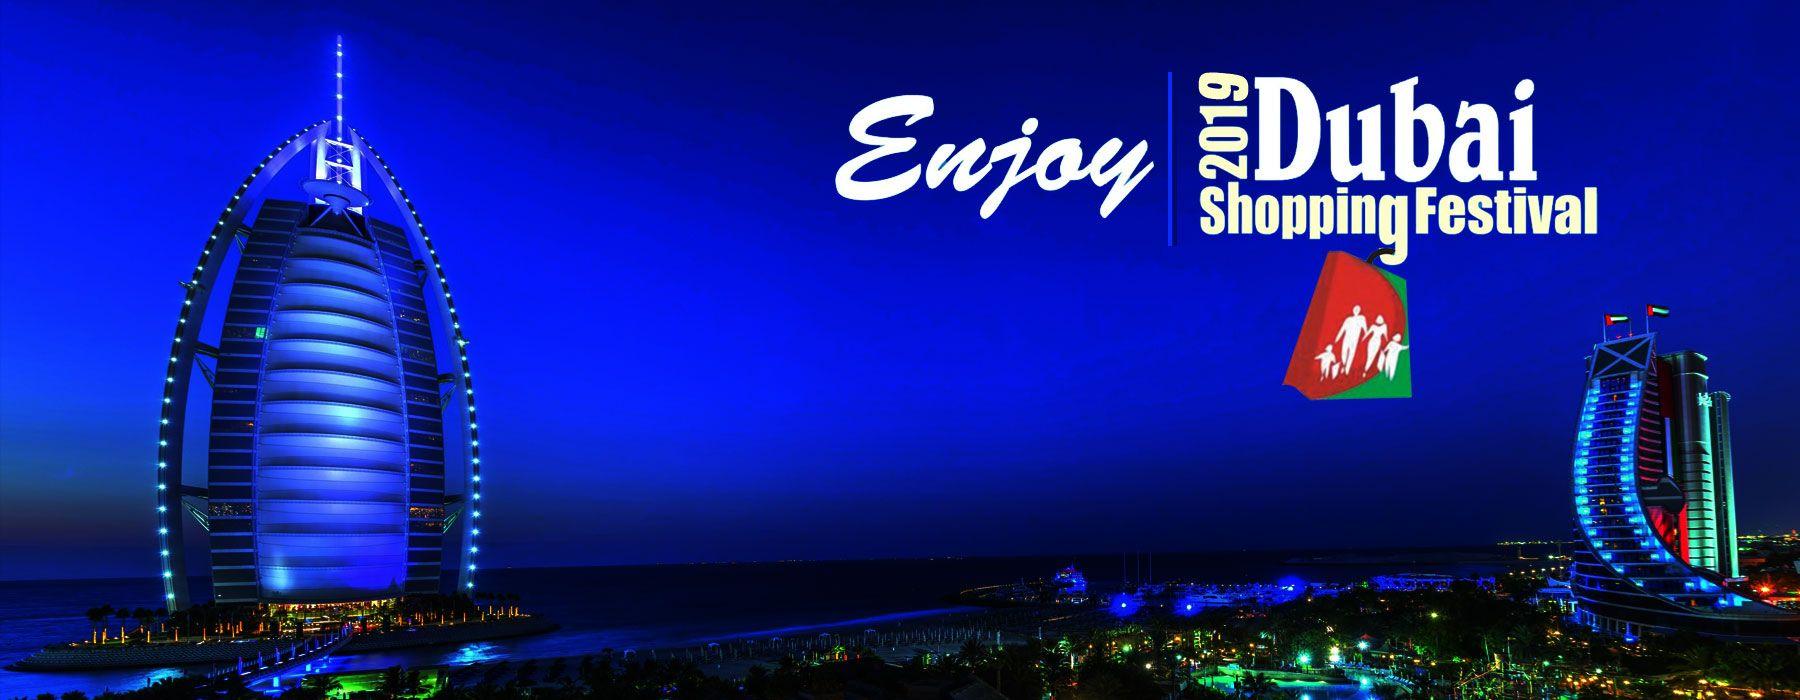 Best Airfare Deals on Dubai Shopping Festival  #AirfareDeals #Dubai #ShoppingFestival #Travel #Dubai